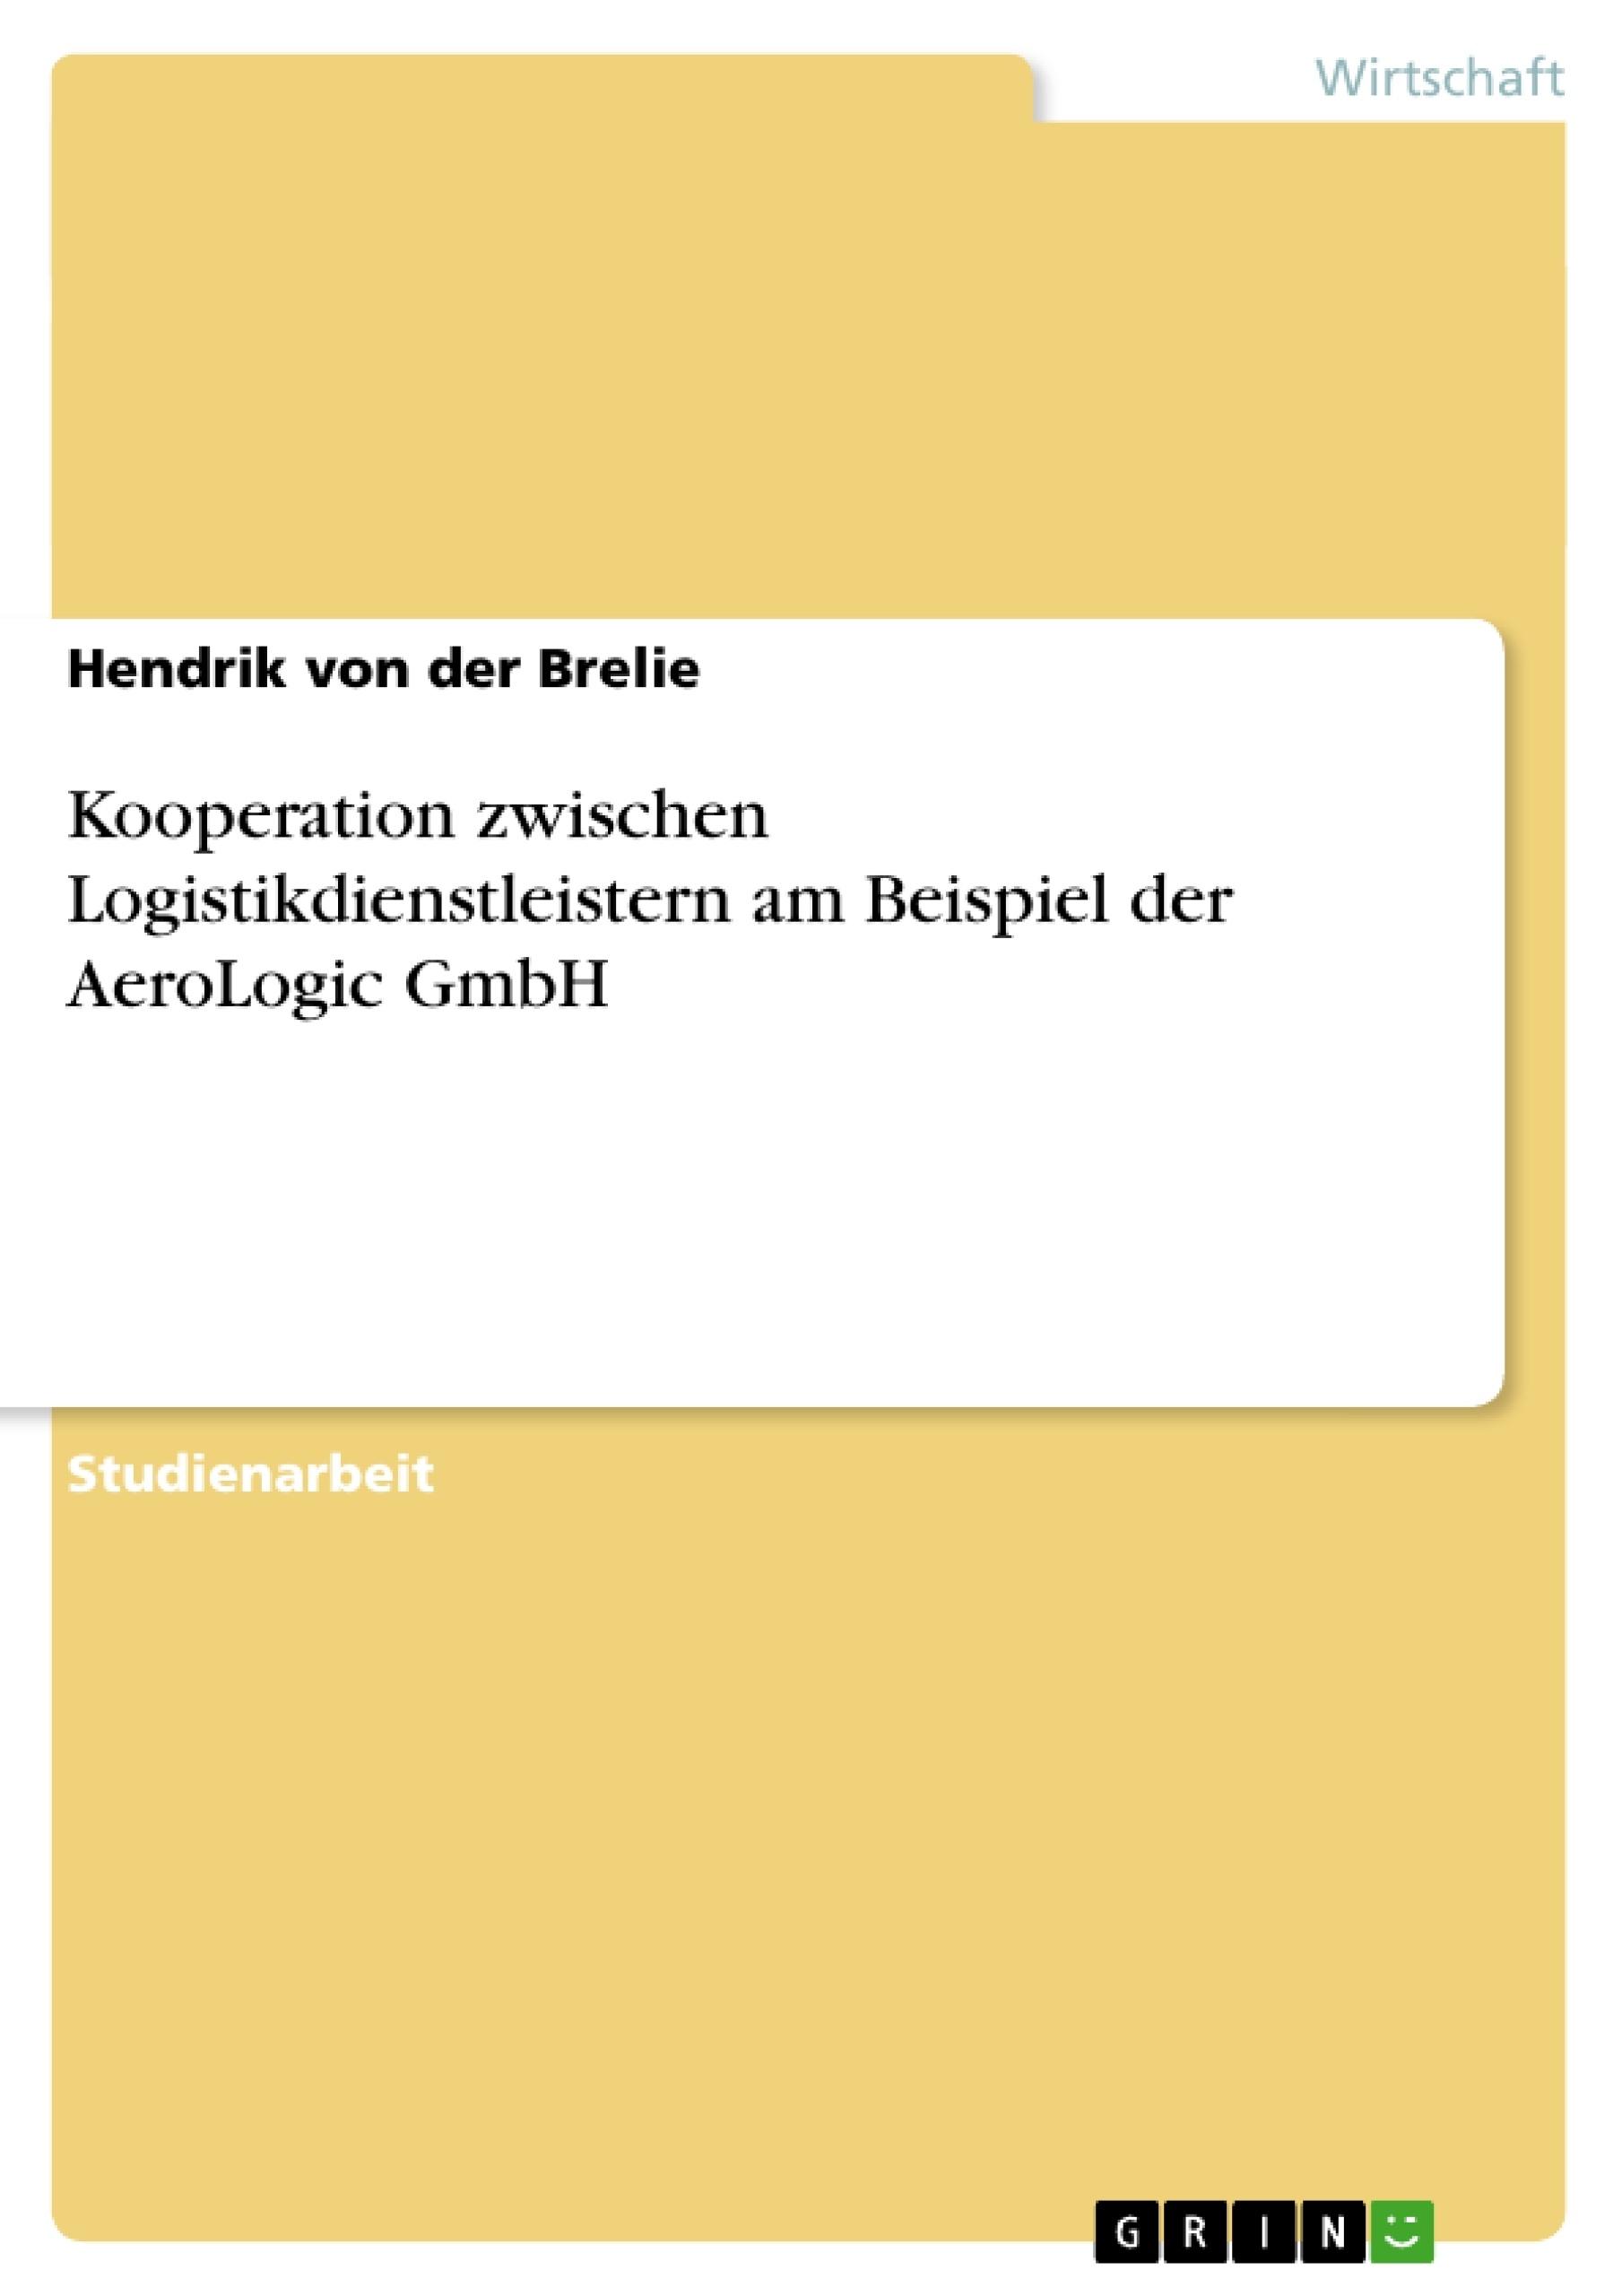 Titel: Kooperation zwischen Logistikdienstleistern am Beispiel der AeroLogic GmbH